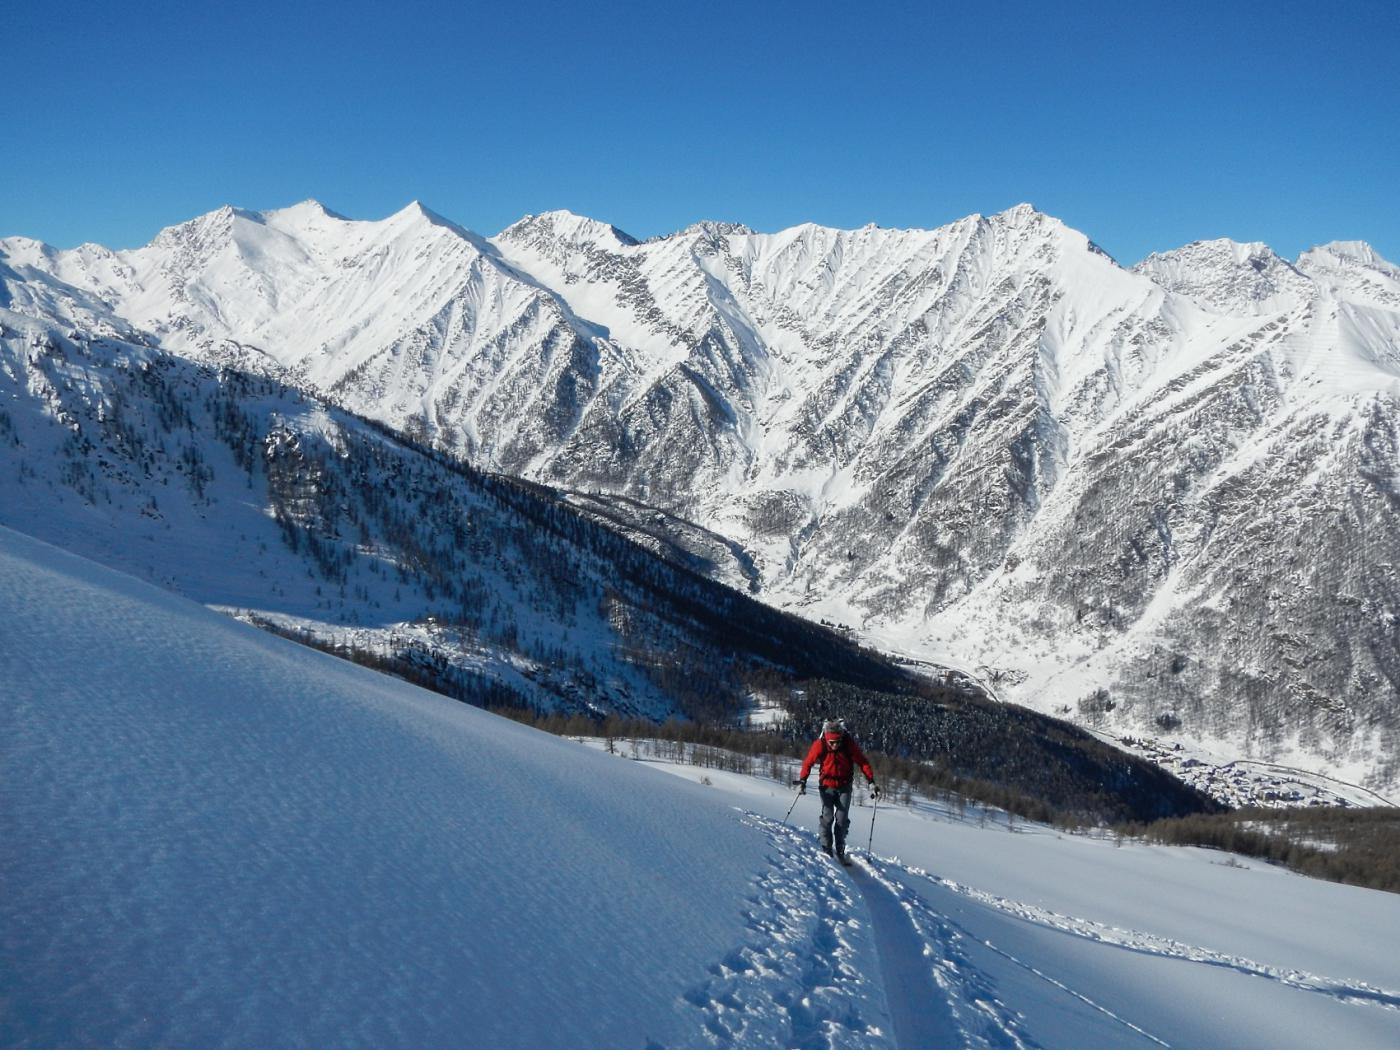 sullo sfondo verso sinistra il bel Vallone della Longia per la salita alla cima Frappier